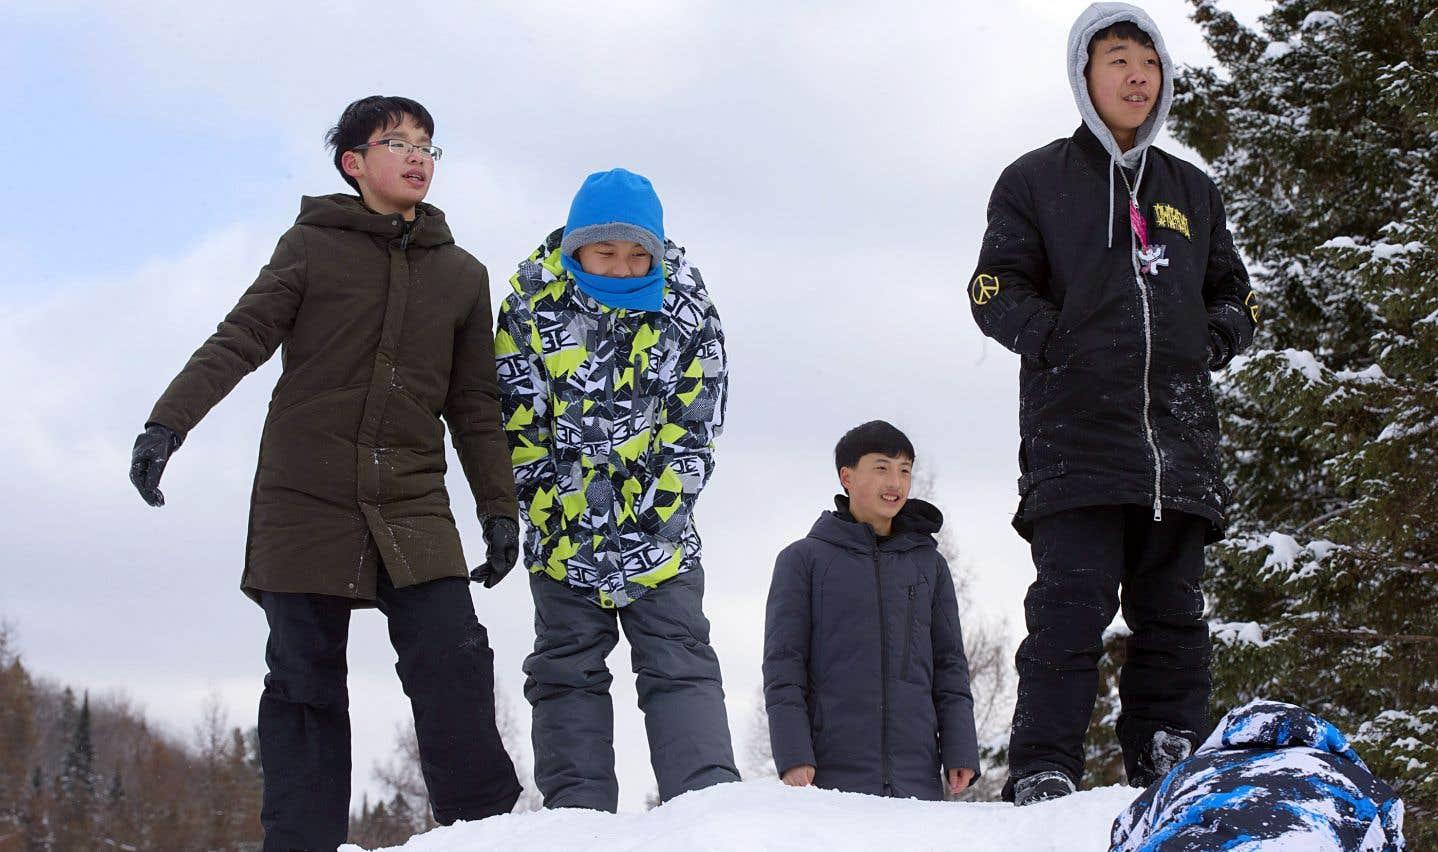 De plus en plus de jeunes en voyage d'études investissent les camps de vacances pour découvrir la Belle Province.